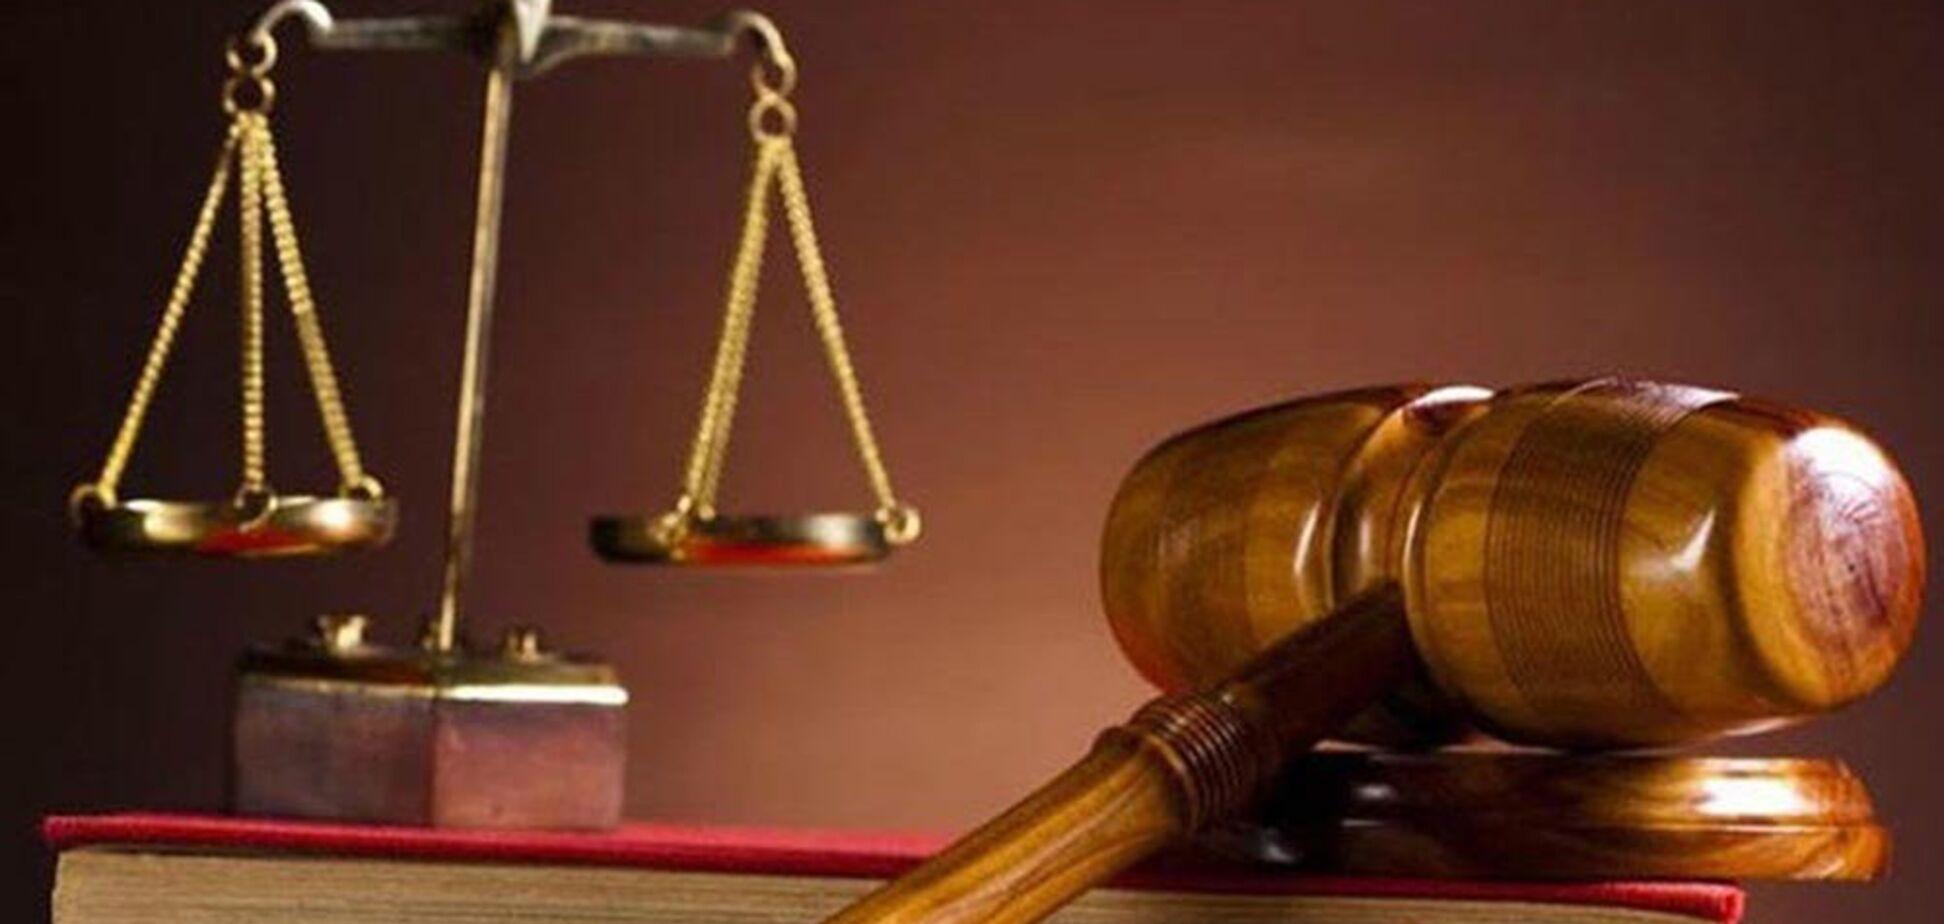 Денег нет, но вы держитесь: судебная система на грани коллапса